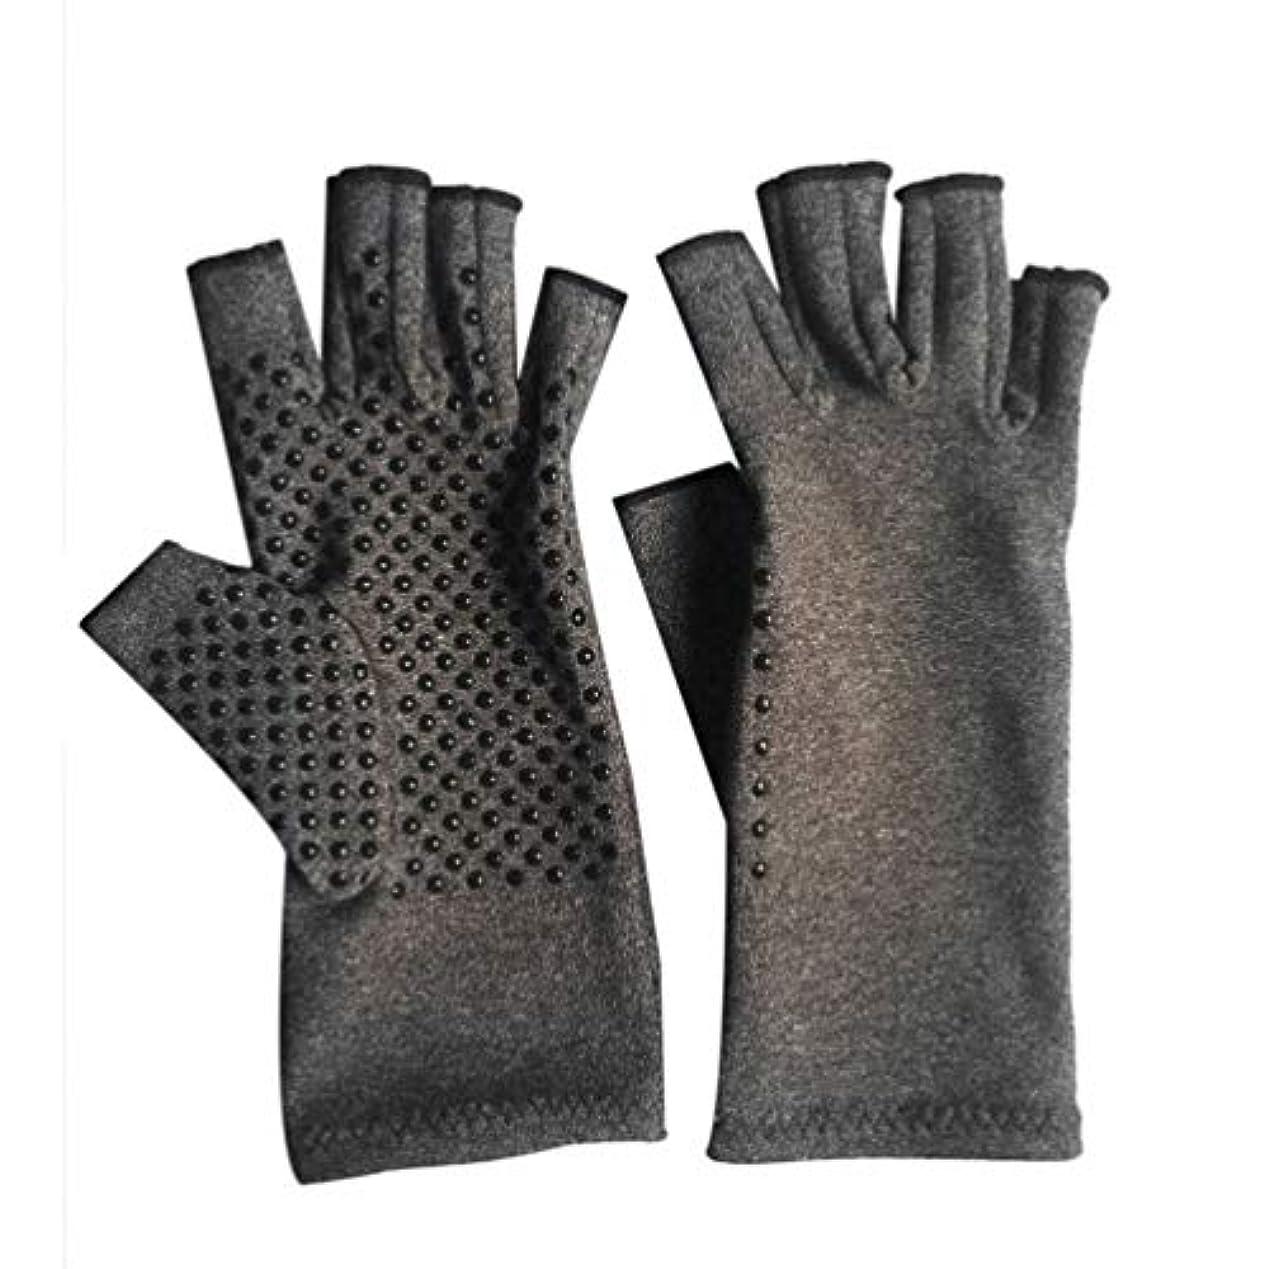 値下げ薬剤師サラミ1ペアユニセックス男性女性療法圧縮手袋関節炎関節痛緩和ヘルスケア半指手袋トレーニング手袋 - グレーM